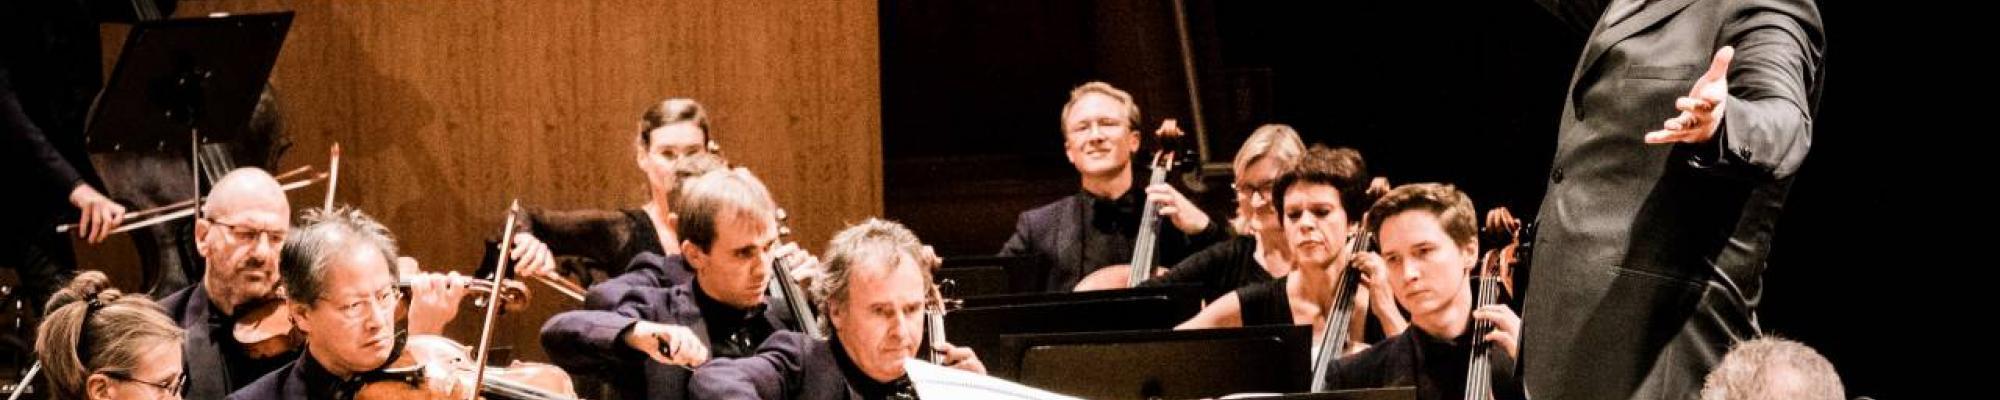 brussels-philharmonic_c-wouter-van-vaerenbergh